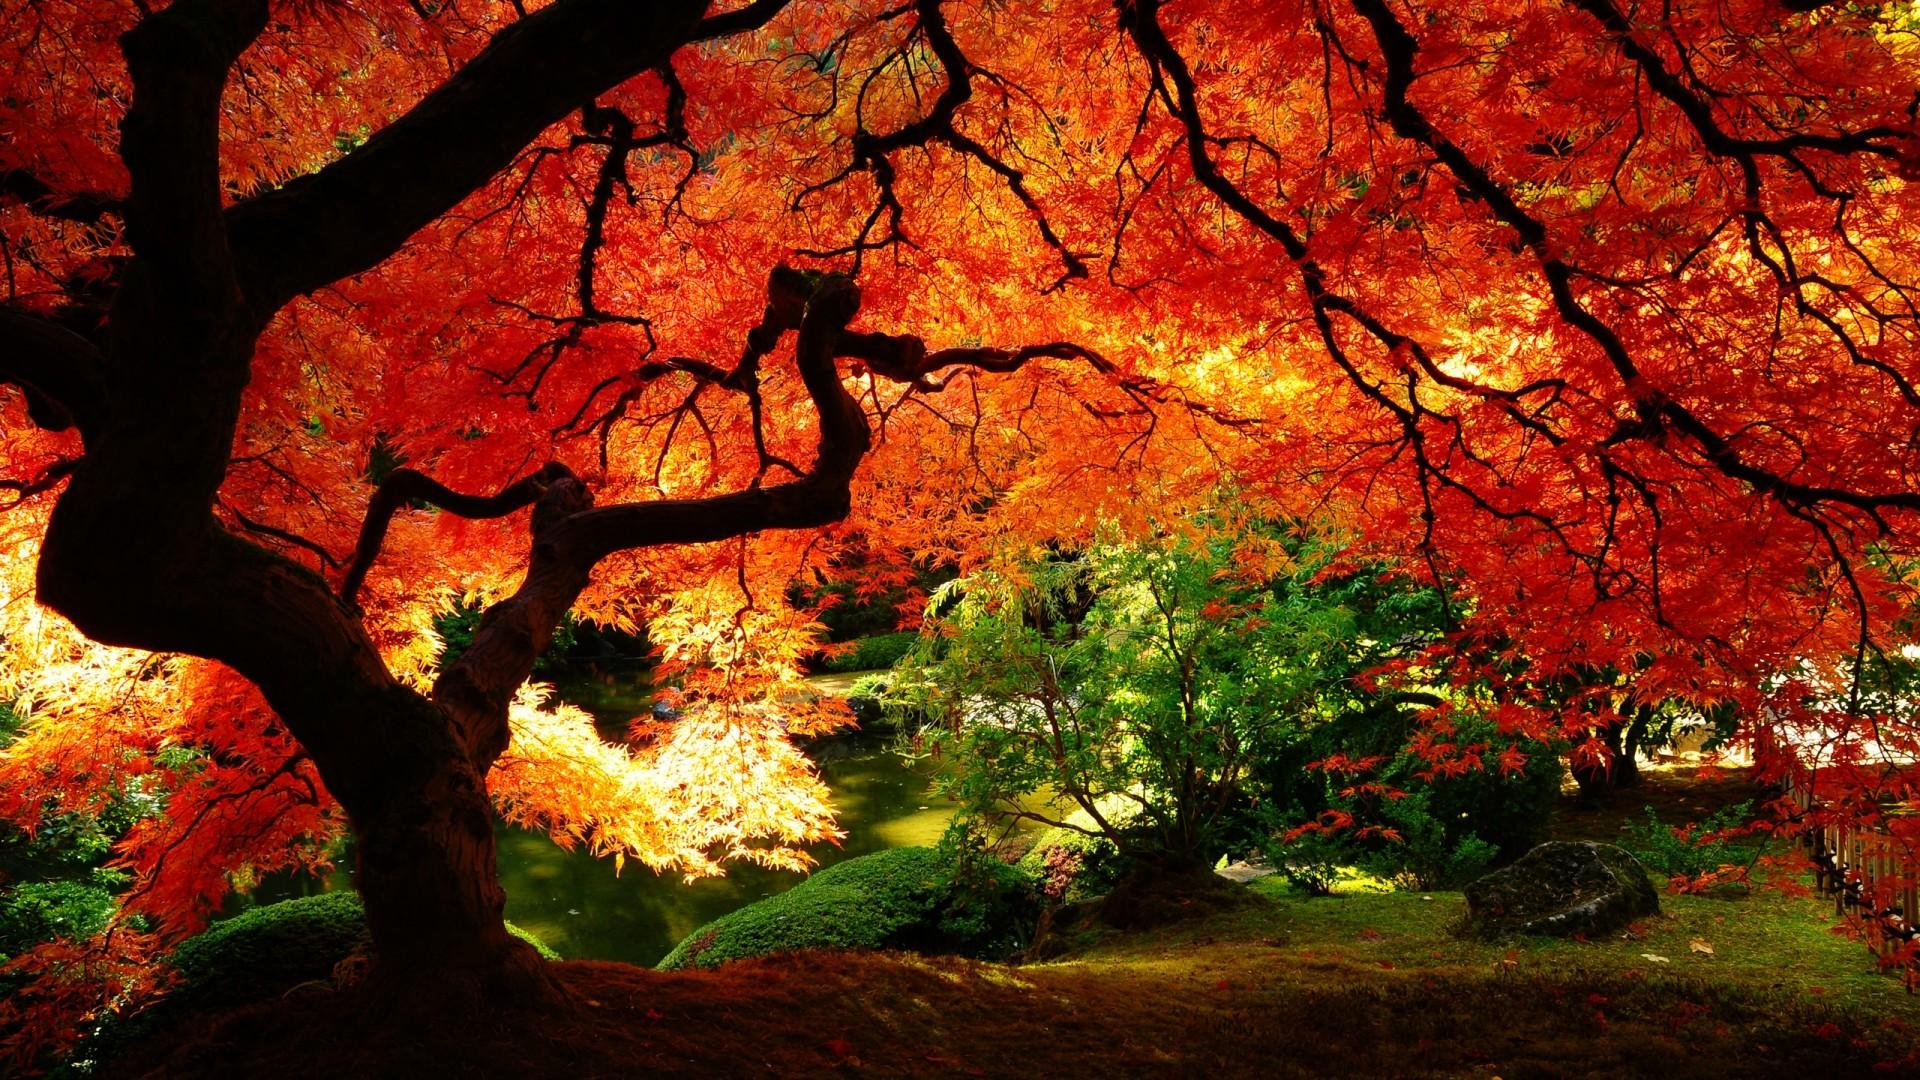 fall desktop wallpaper free – www.wallpapers-in-hd.com